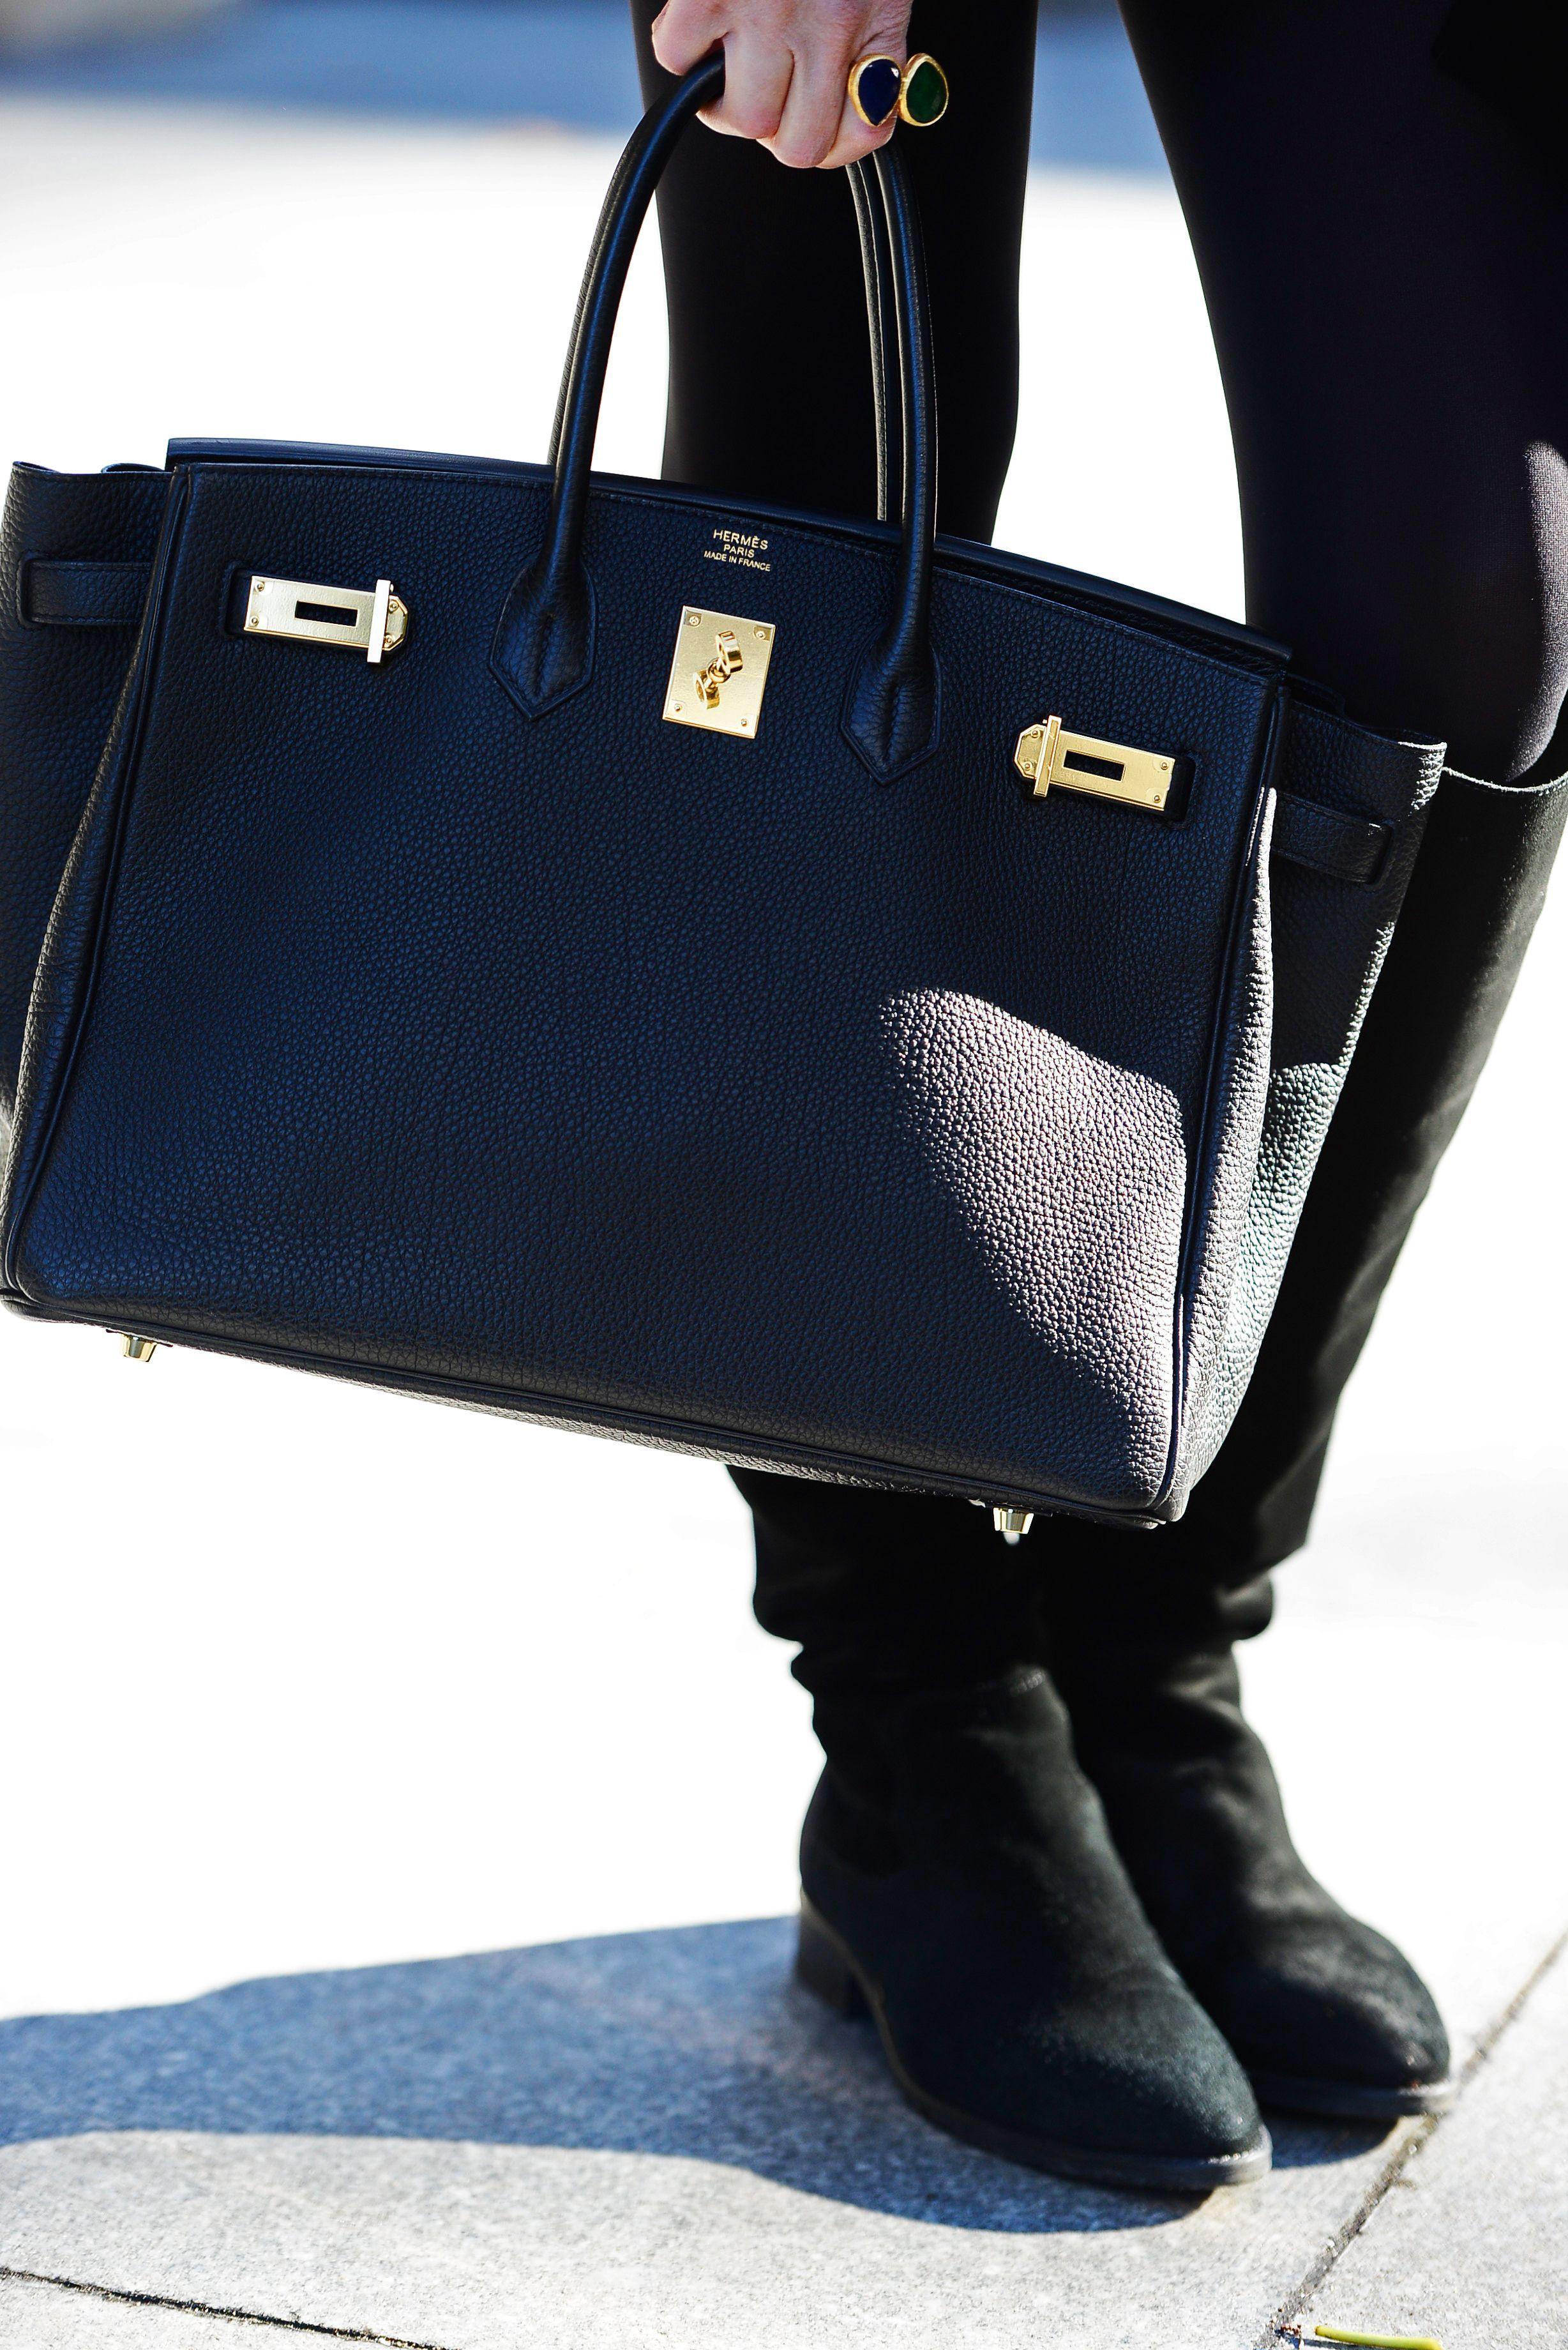 awesome Стильные большие женские сумки — Популярные новинки 2017 ... 075da8297a6